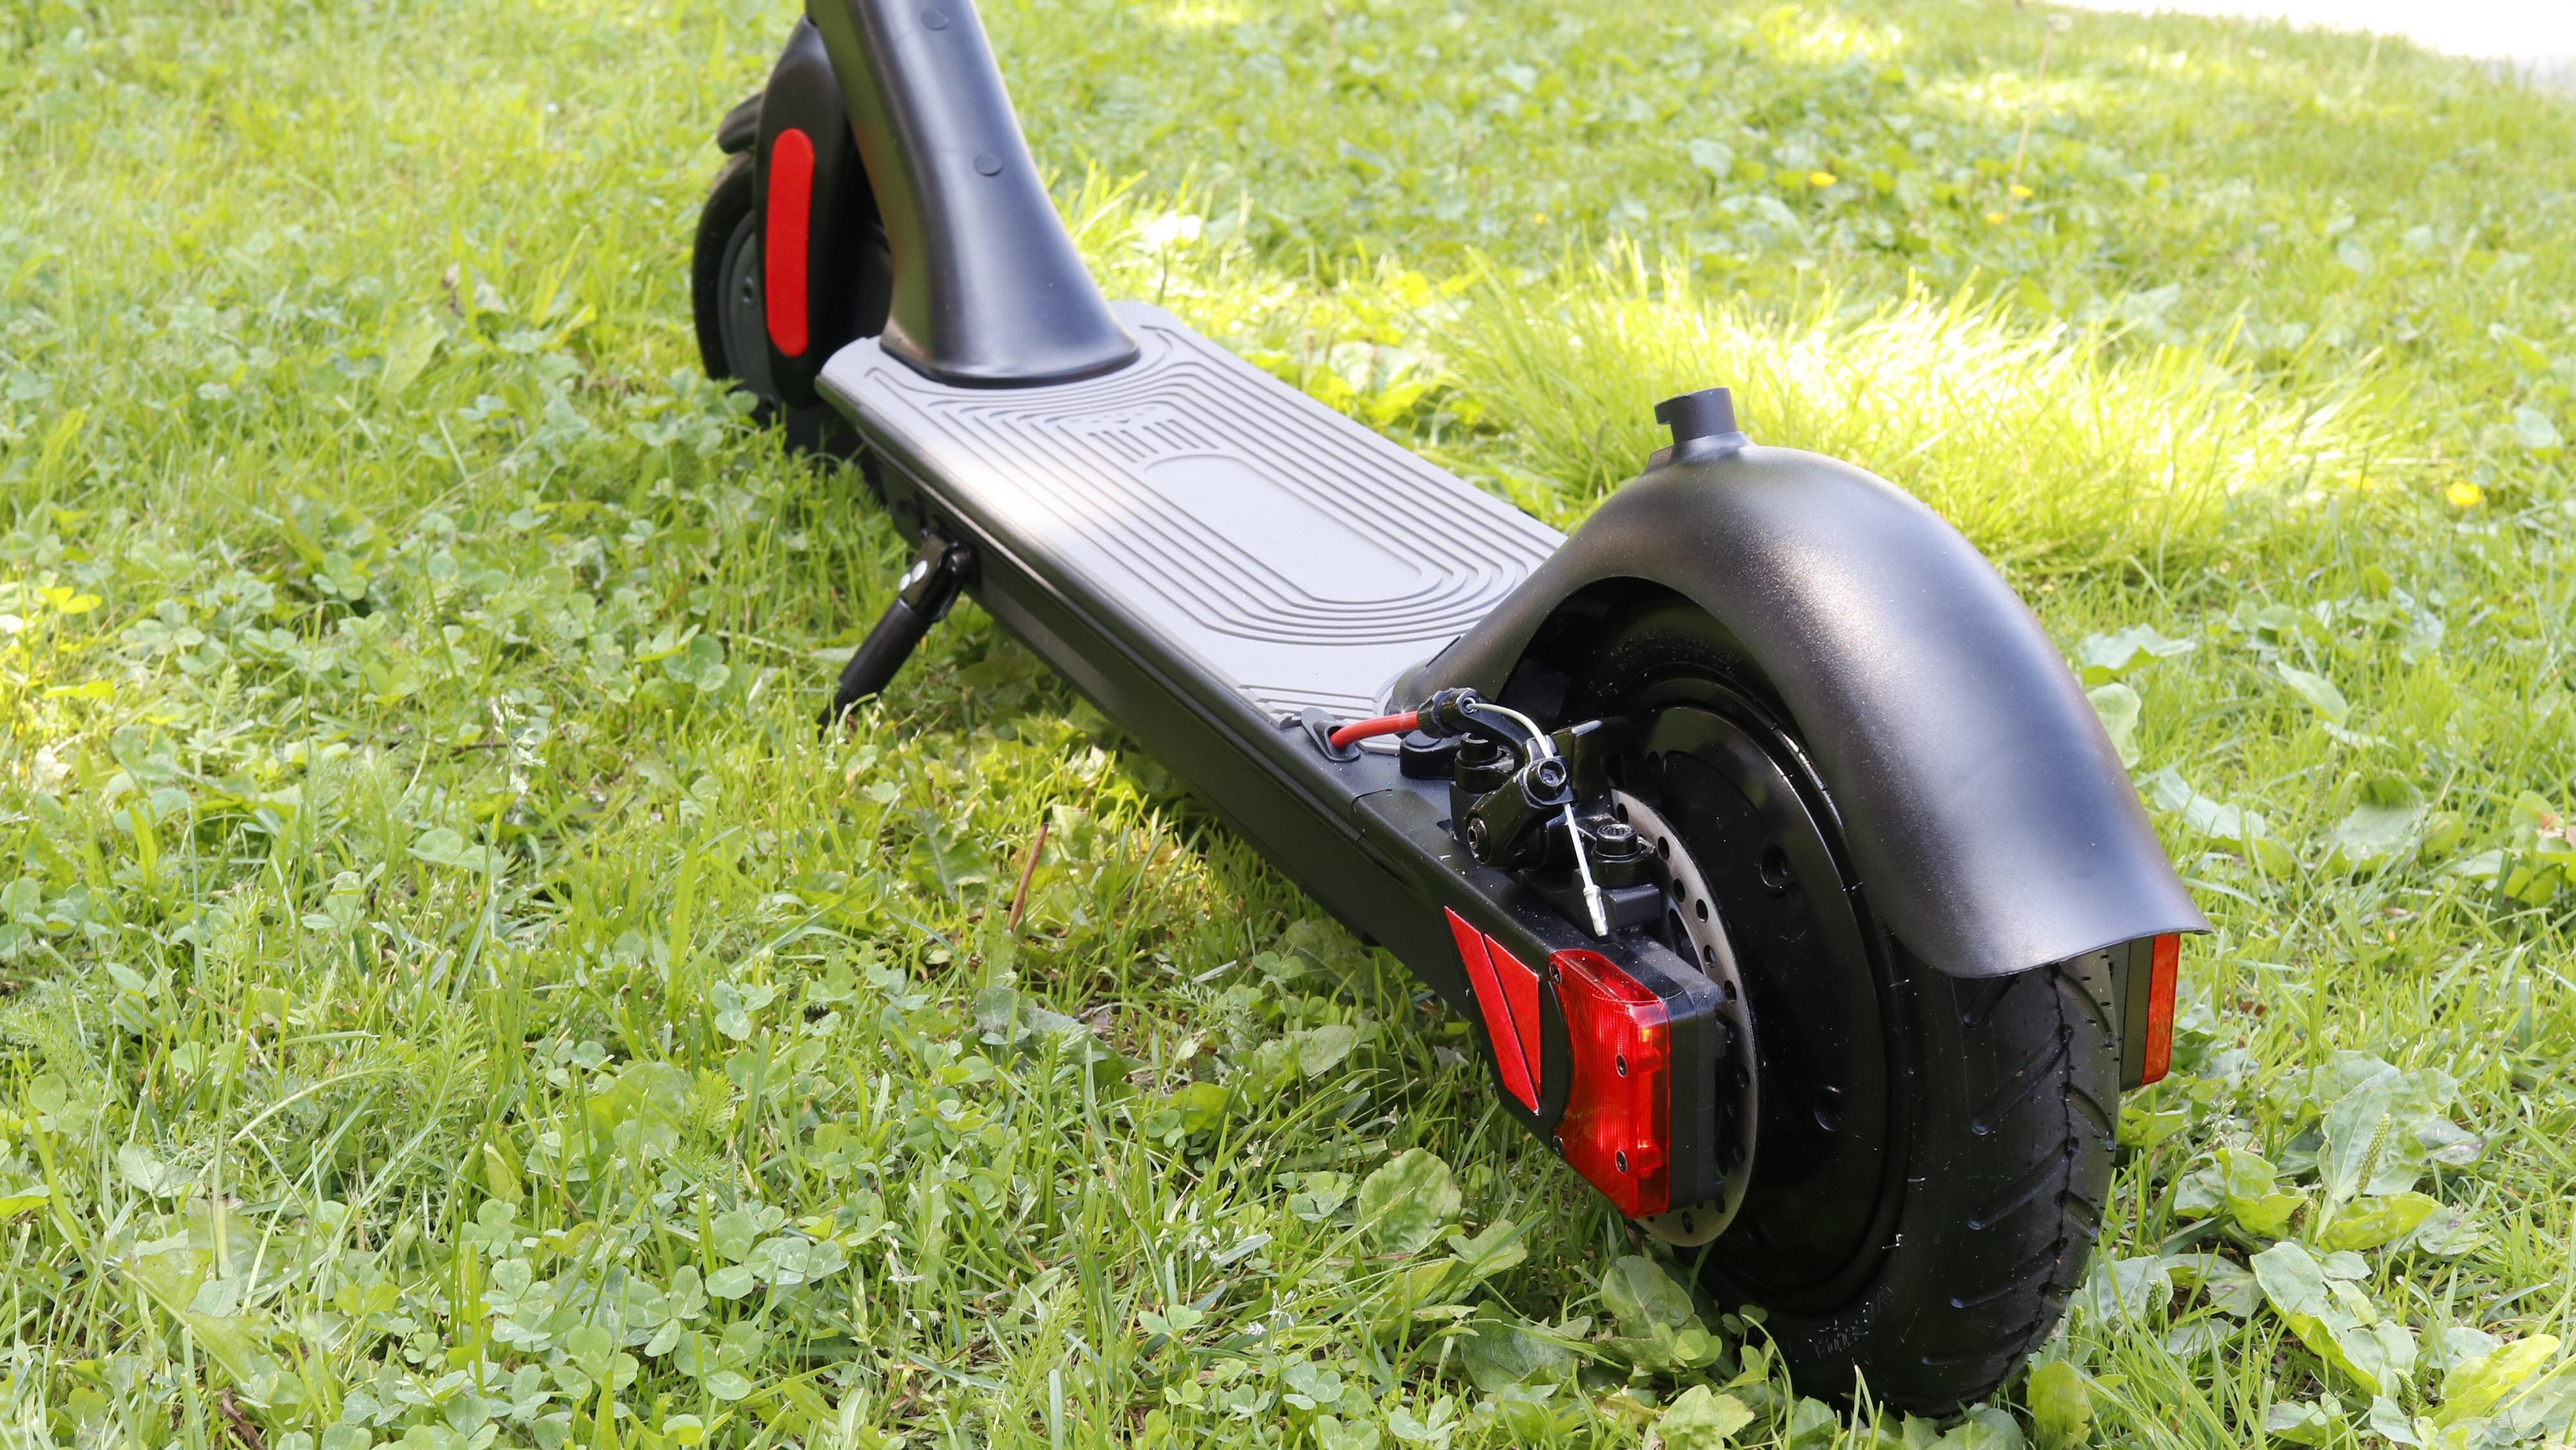 Elsparkesykkelen har lys på hver side og skivebrems på bakhjulet.